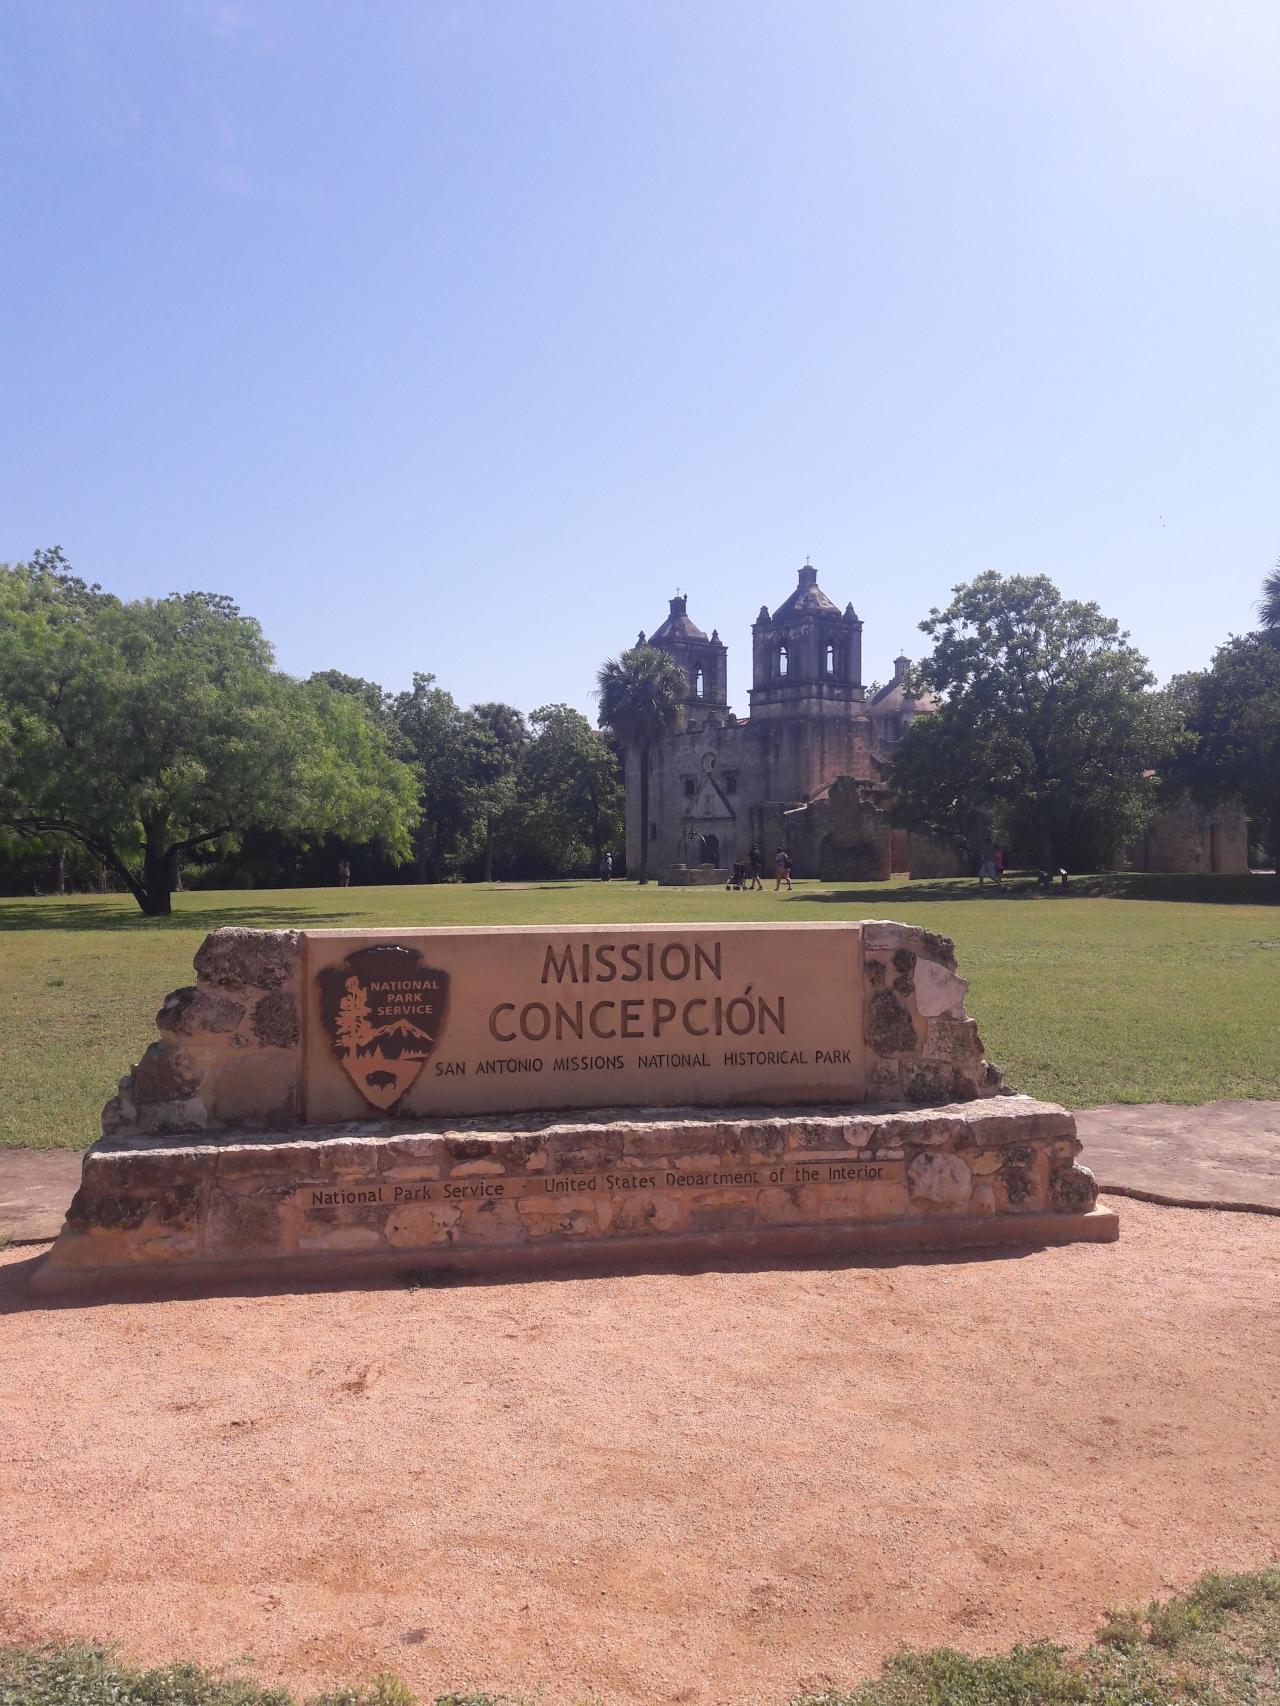 mission-concepcion-san-antonio.jgp